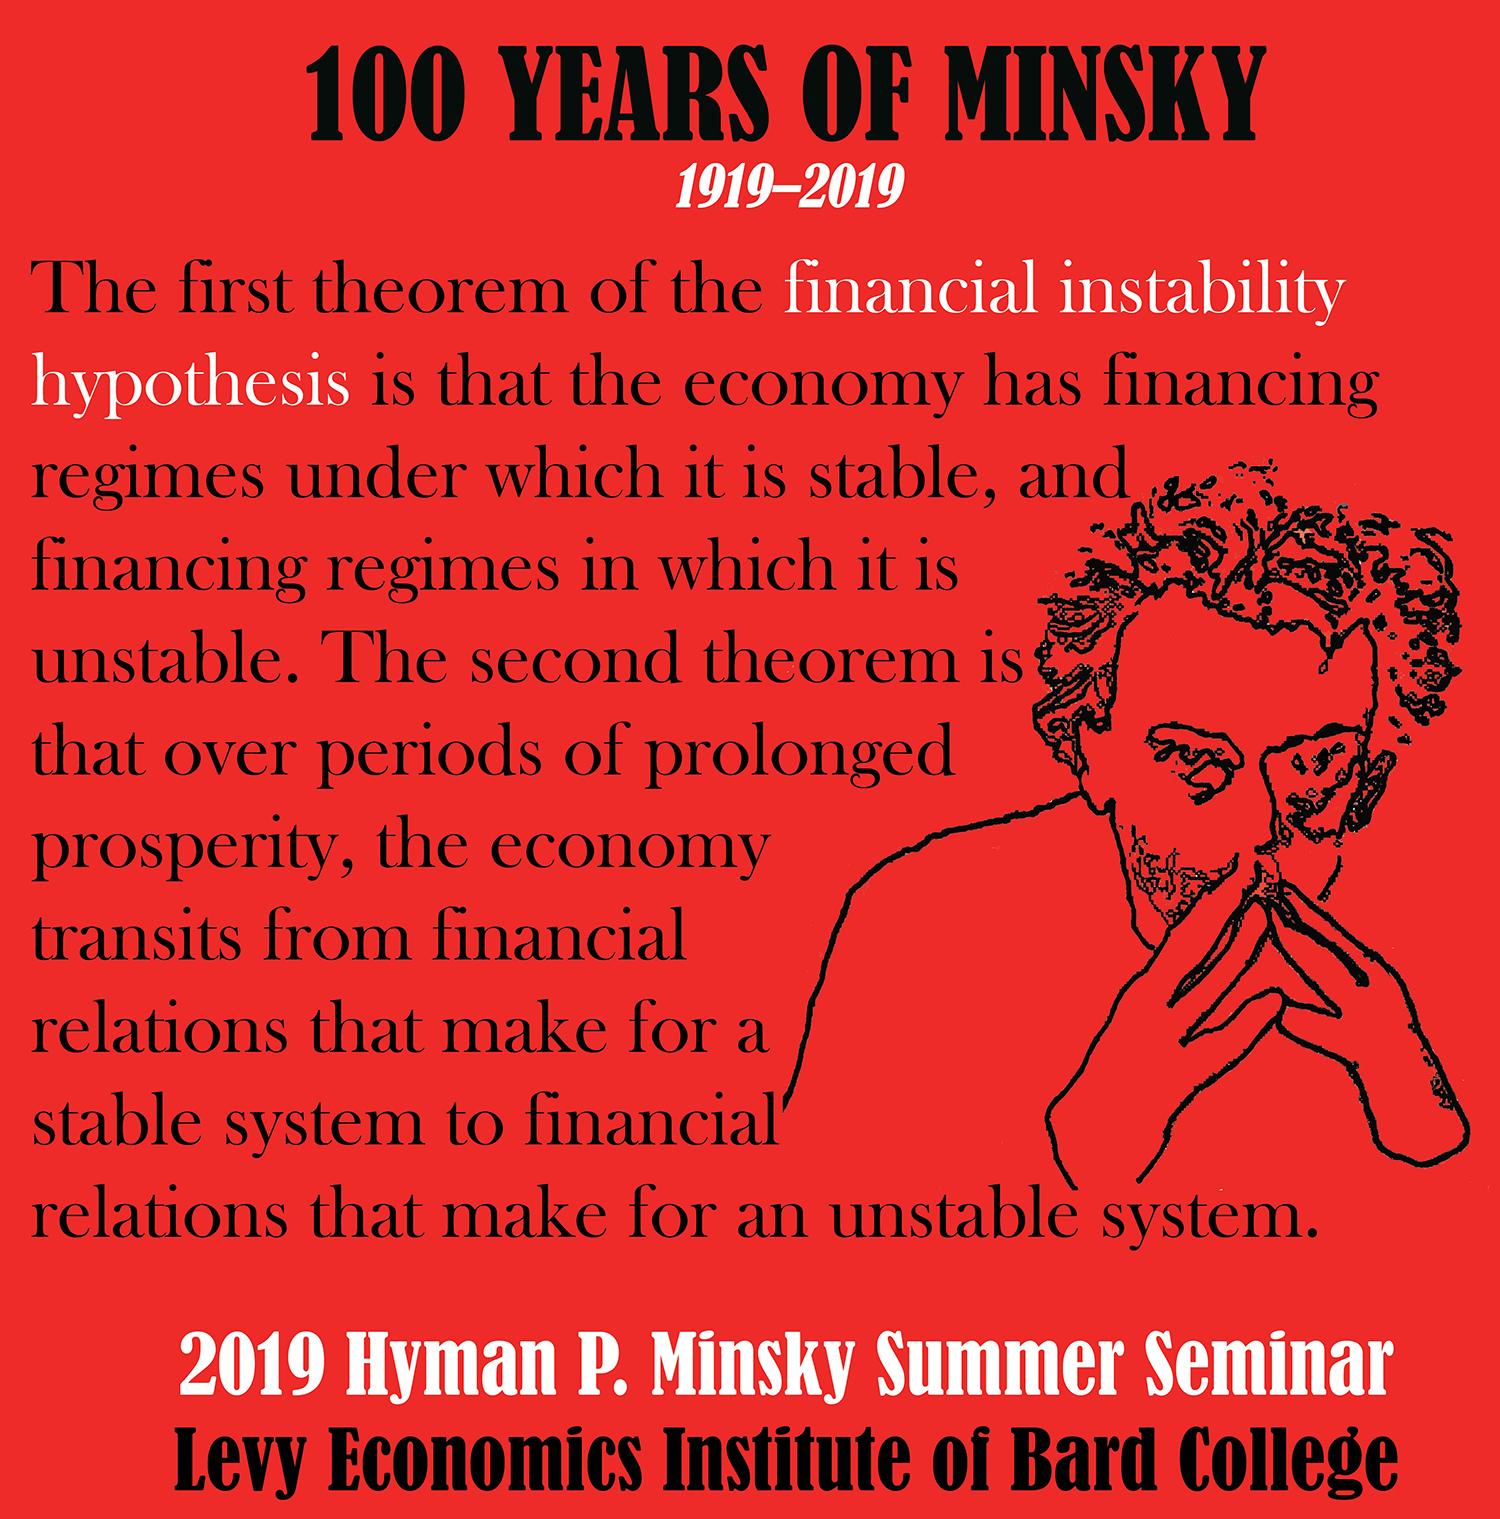 Hyman P. Minsky